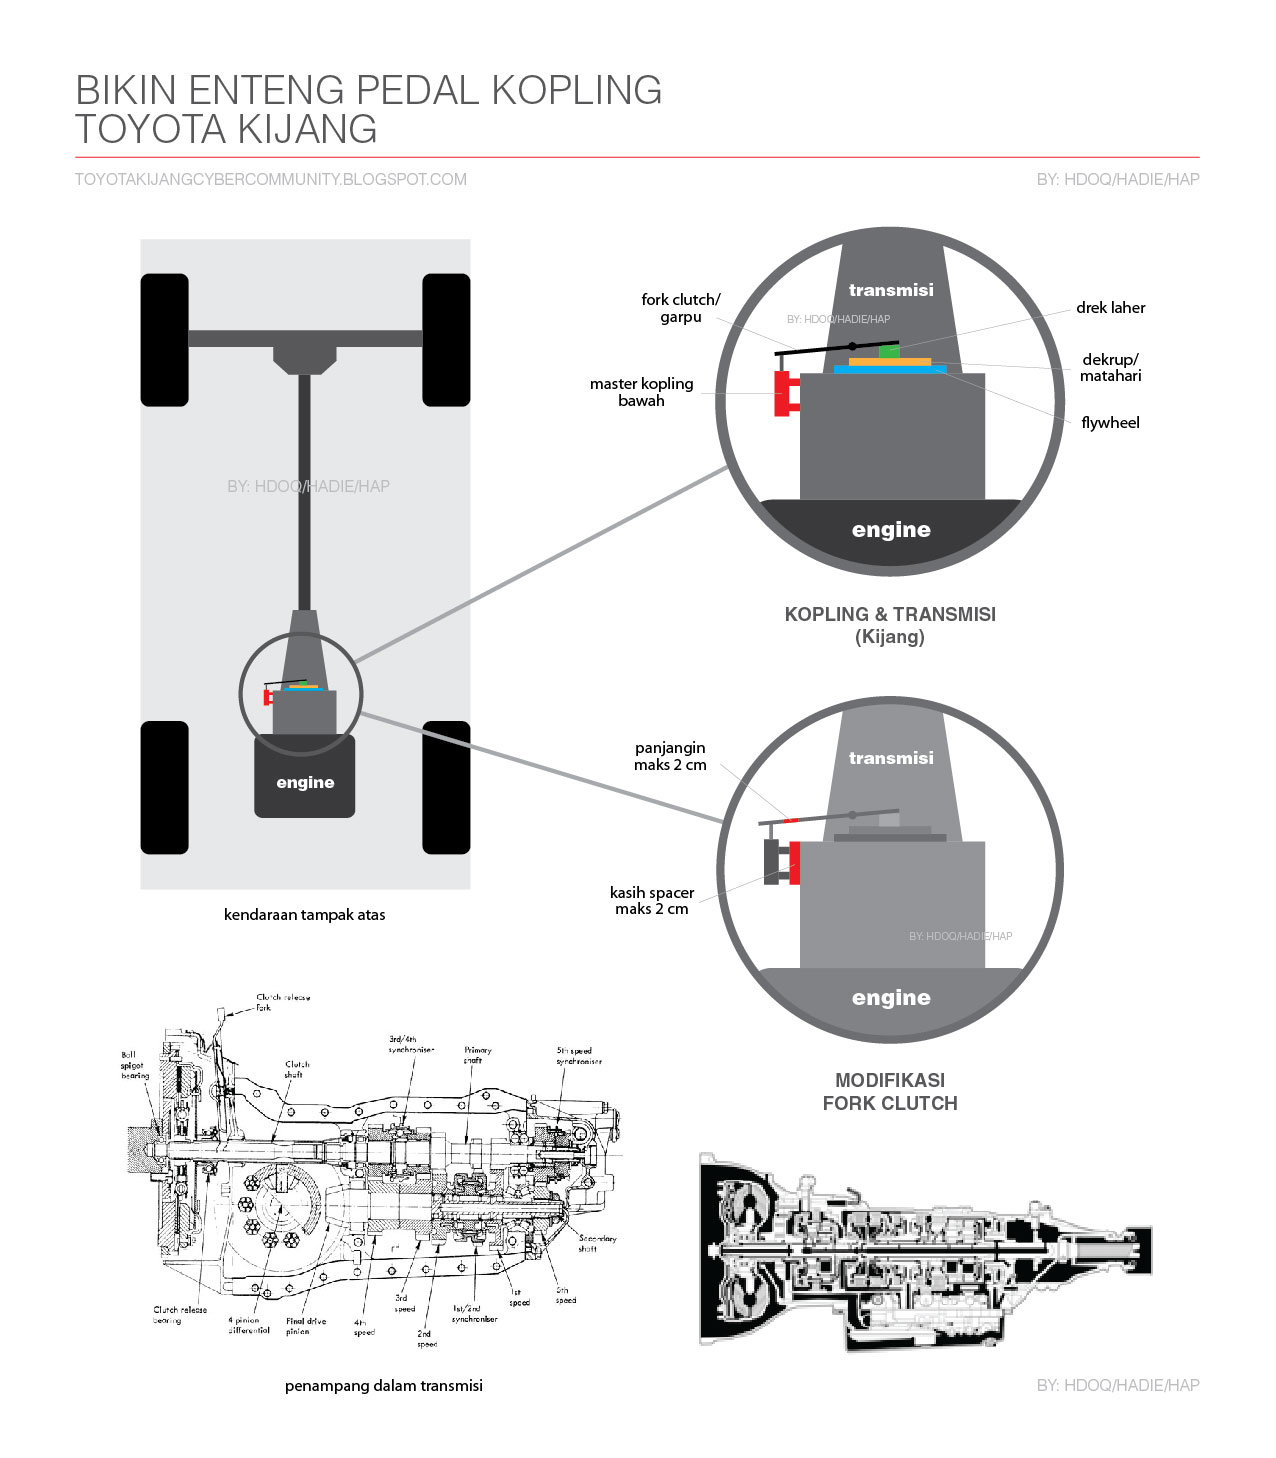 wiring diagram toyota kijang 7k toilet not flushing but not, Wiring diagram